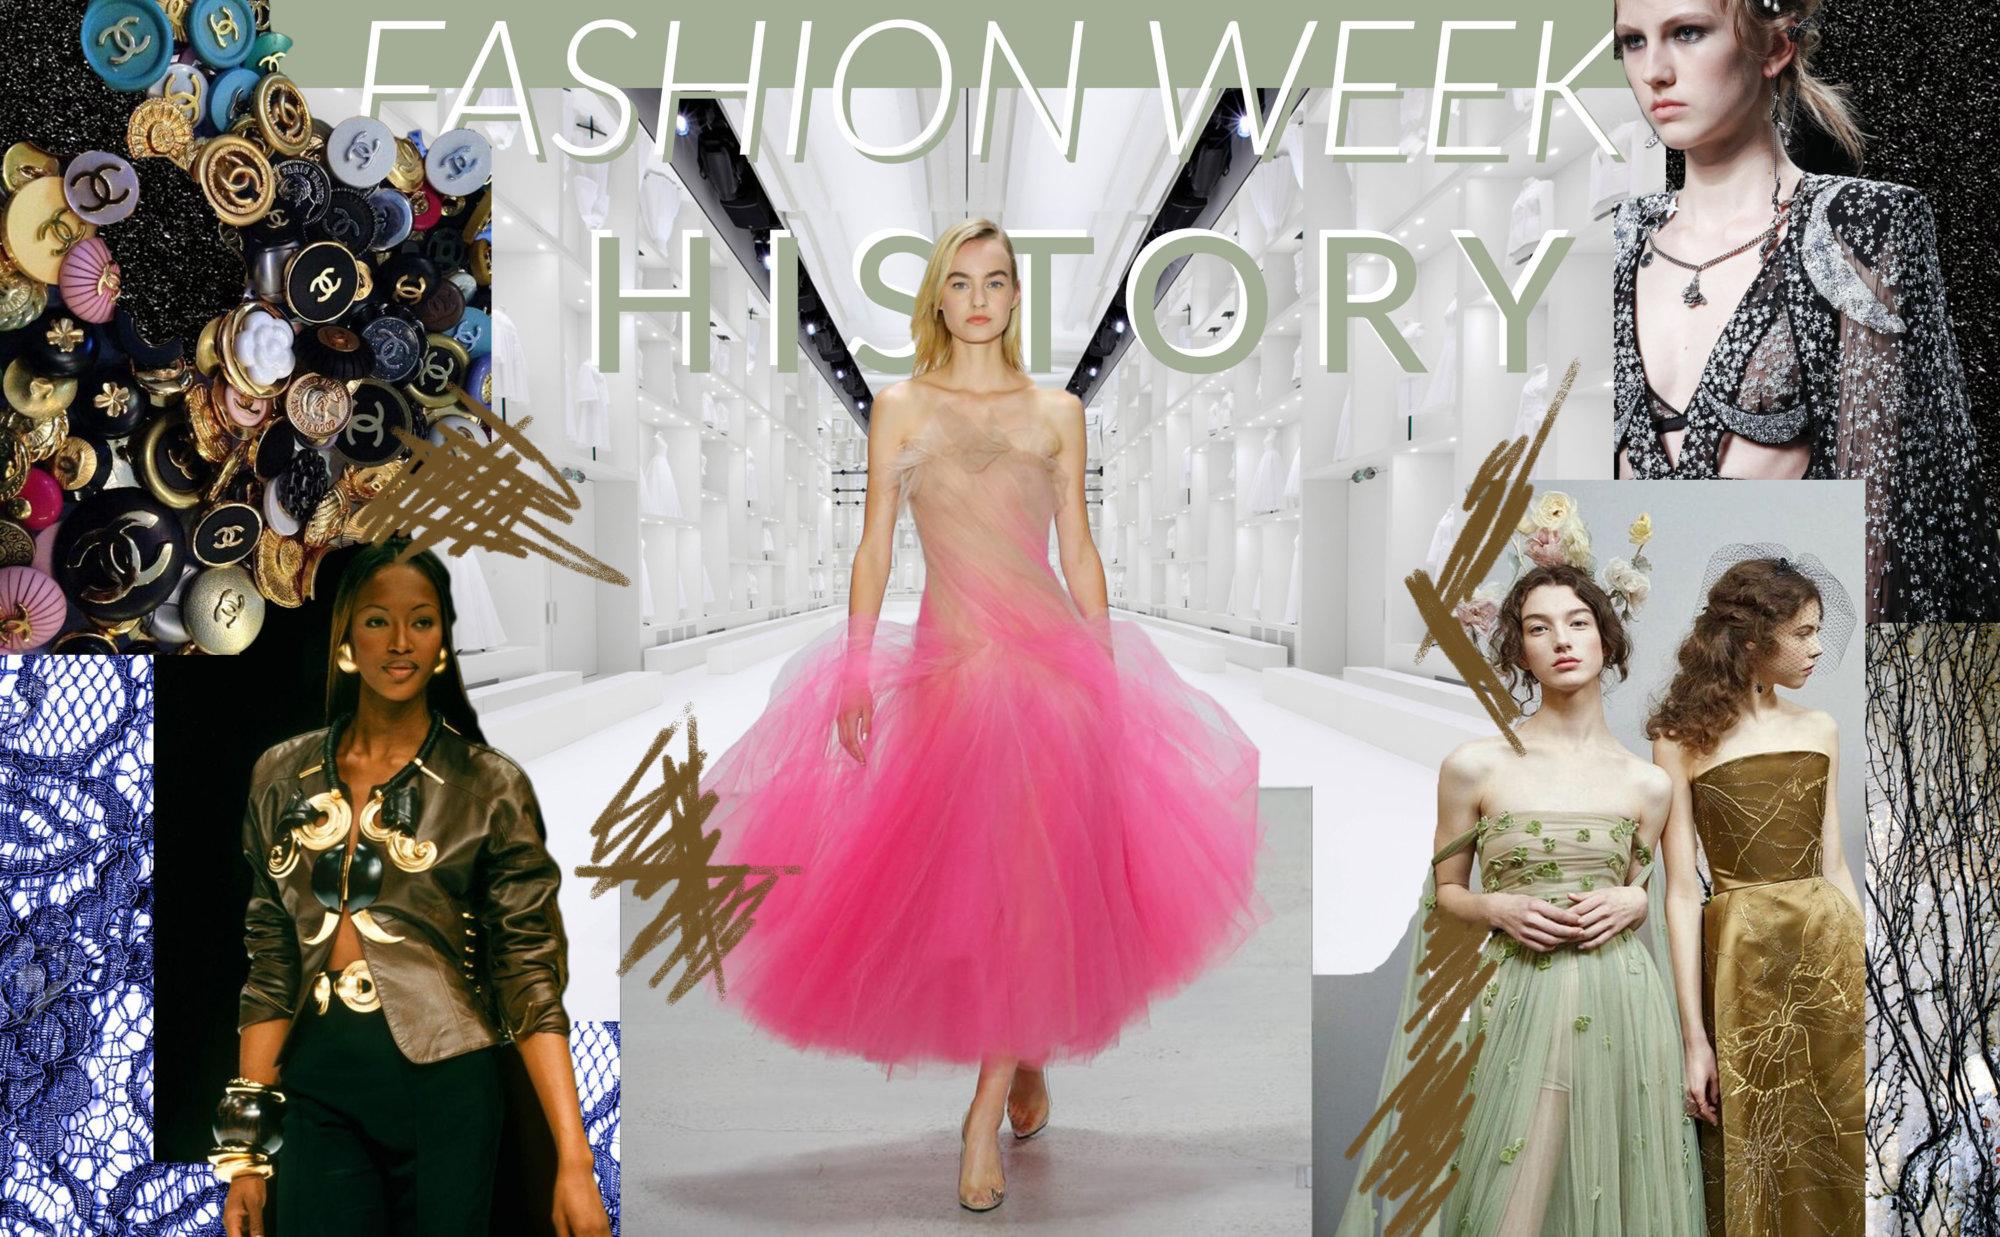 bececd5520 Fashion Week: la Sua Storia ed Evoluzione | The Italian Rêve